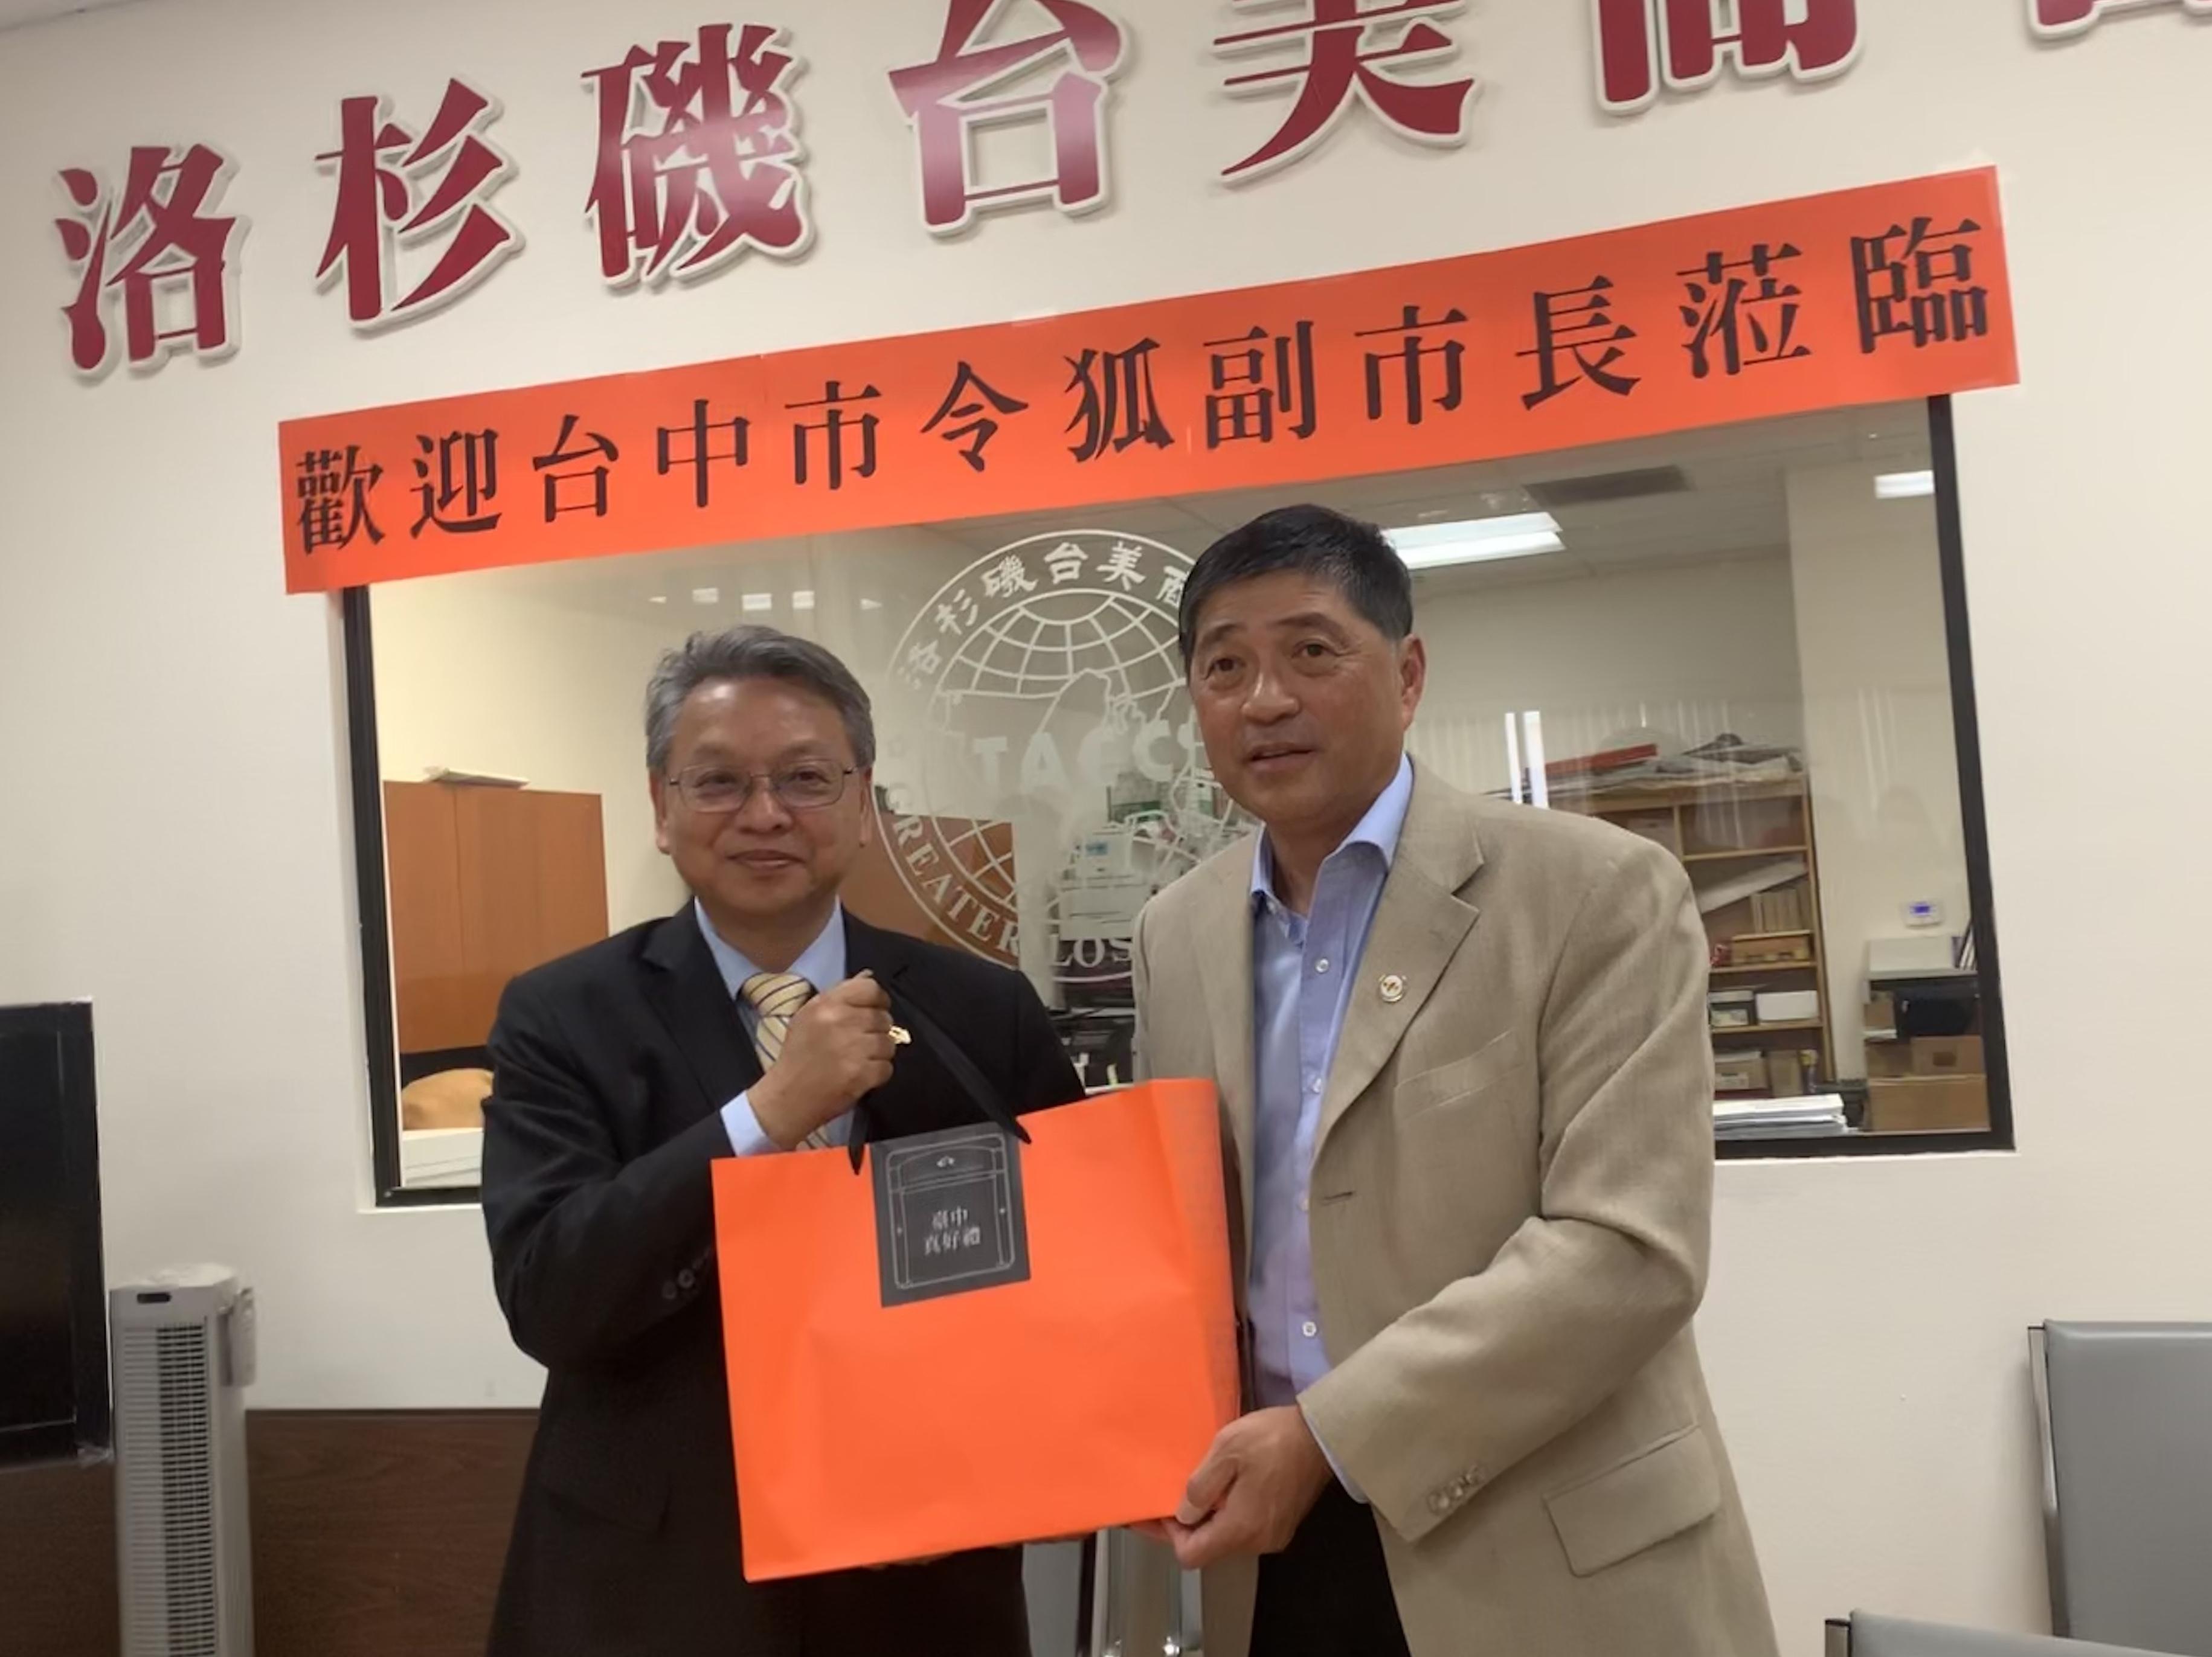 洛杉磯臺美商會會長陳慶恩(右)接受臺中市副市長令狐榮達(左)贈送的禮物。記者楊婷攝